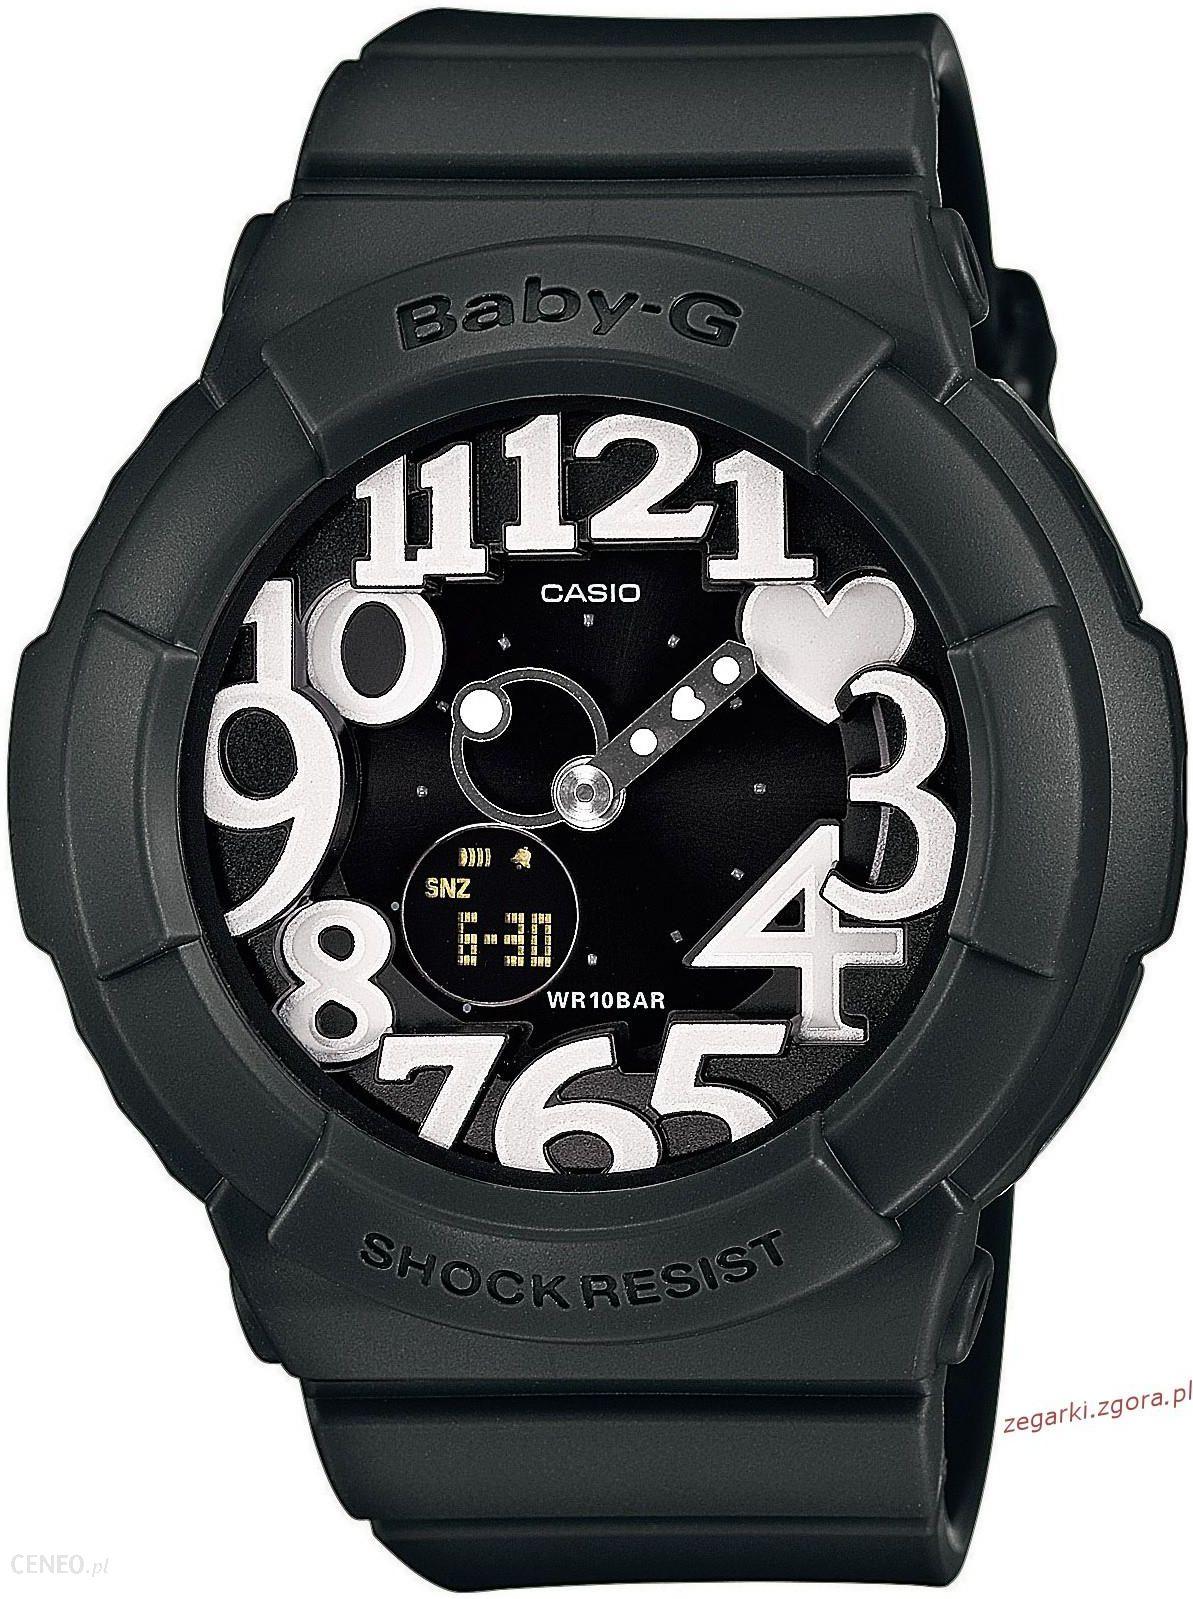 Casio Baby-G BGA-134-3BER - Zegarki Damskie - Ceny i opinie - Ceneo.pl e5a603a035